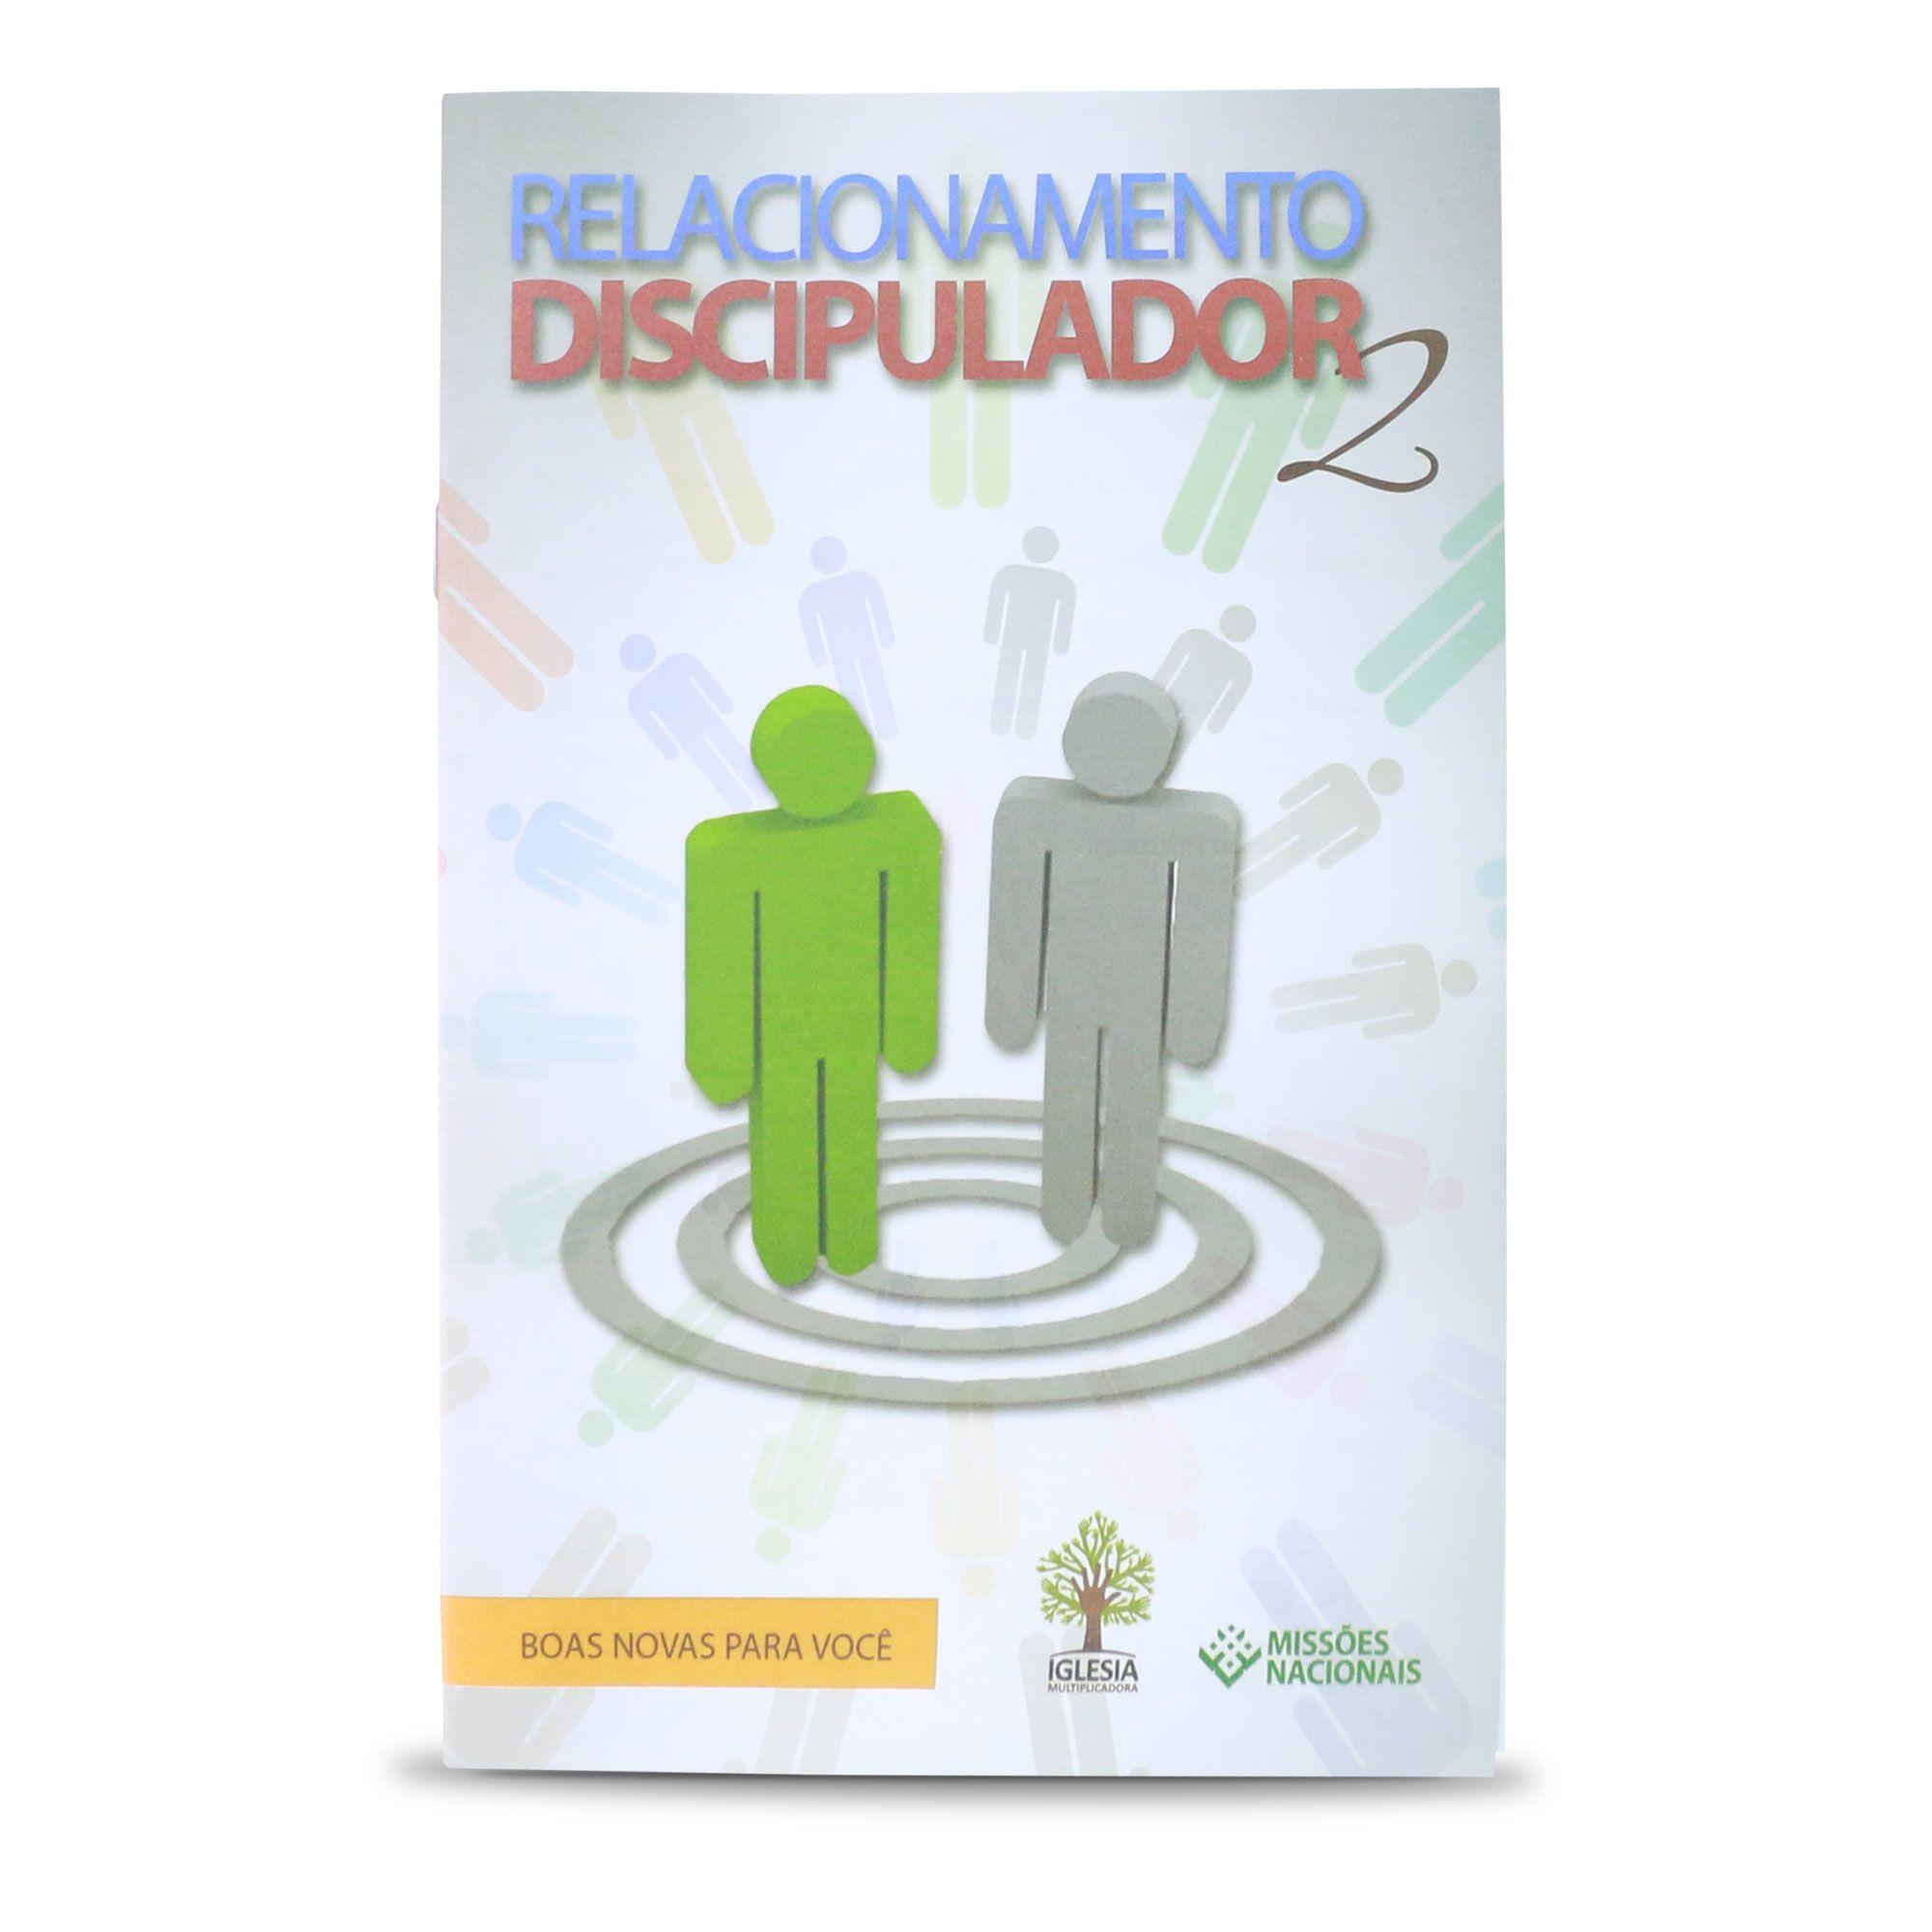 Relacionamento Discipulador 2  - Boas novas para você